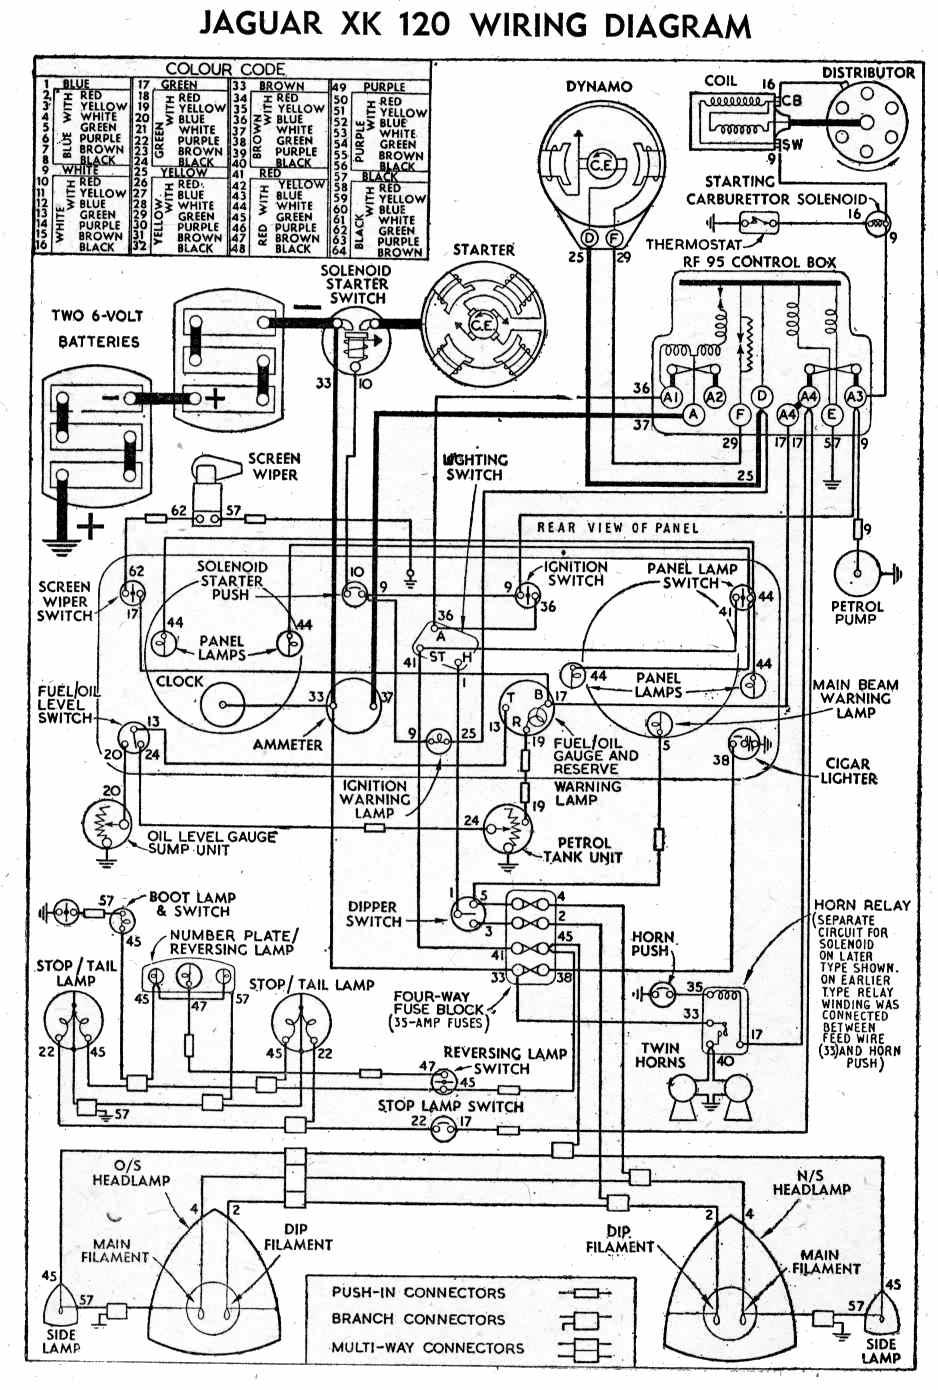 wiring diagrams jaguar xk120 7k schwabenschamanen de \u2022 Mgb Wiring Diagram jaguar xk120 wiring diagram wiring diagram rh 81 tempoturn de